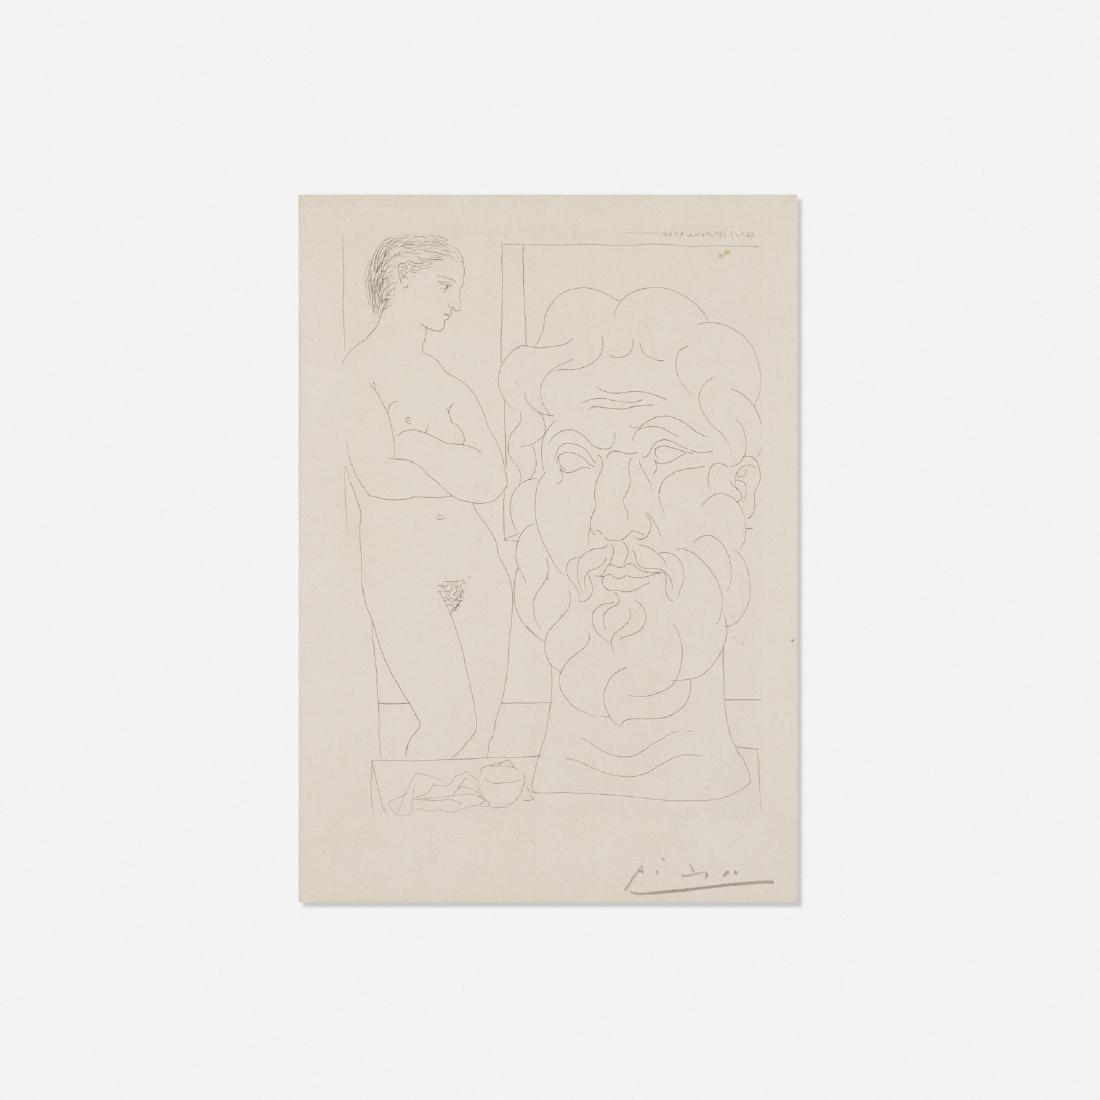 Pablo Picasso, Modele et Grande Tete sculptee